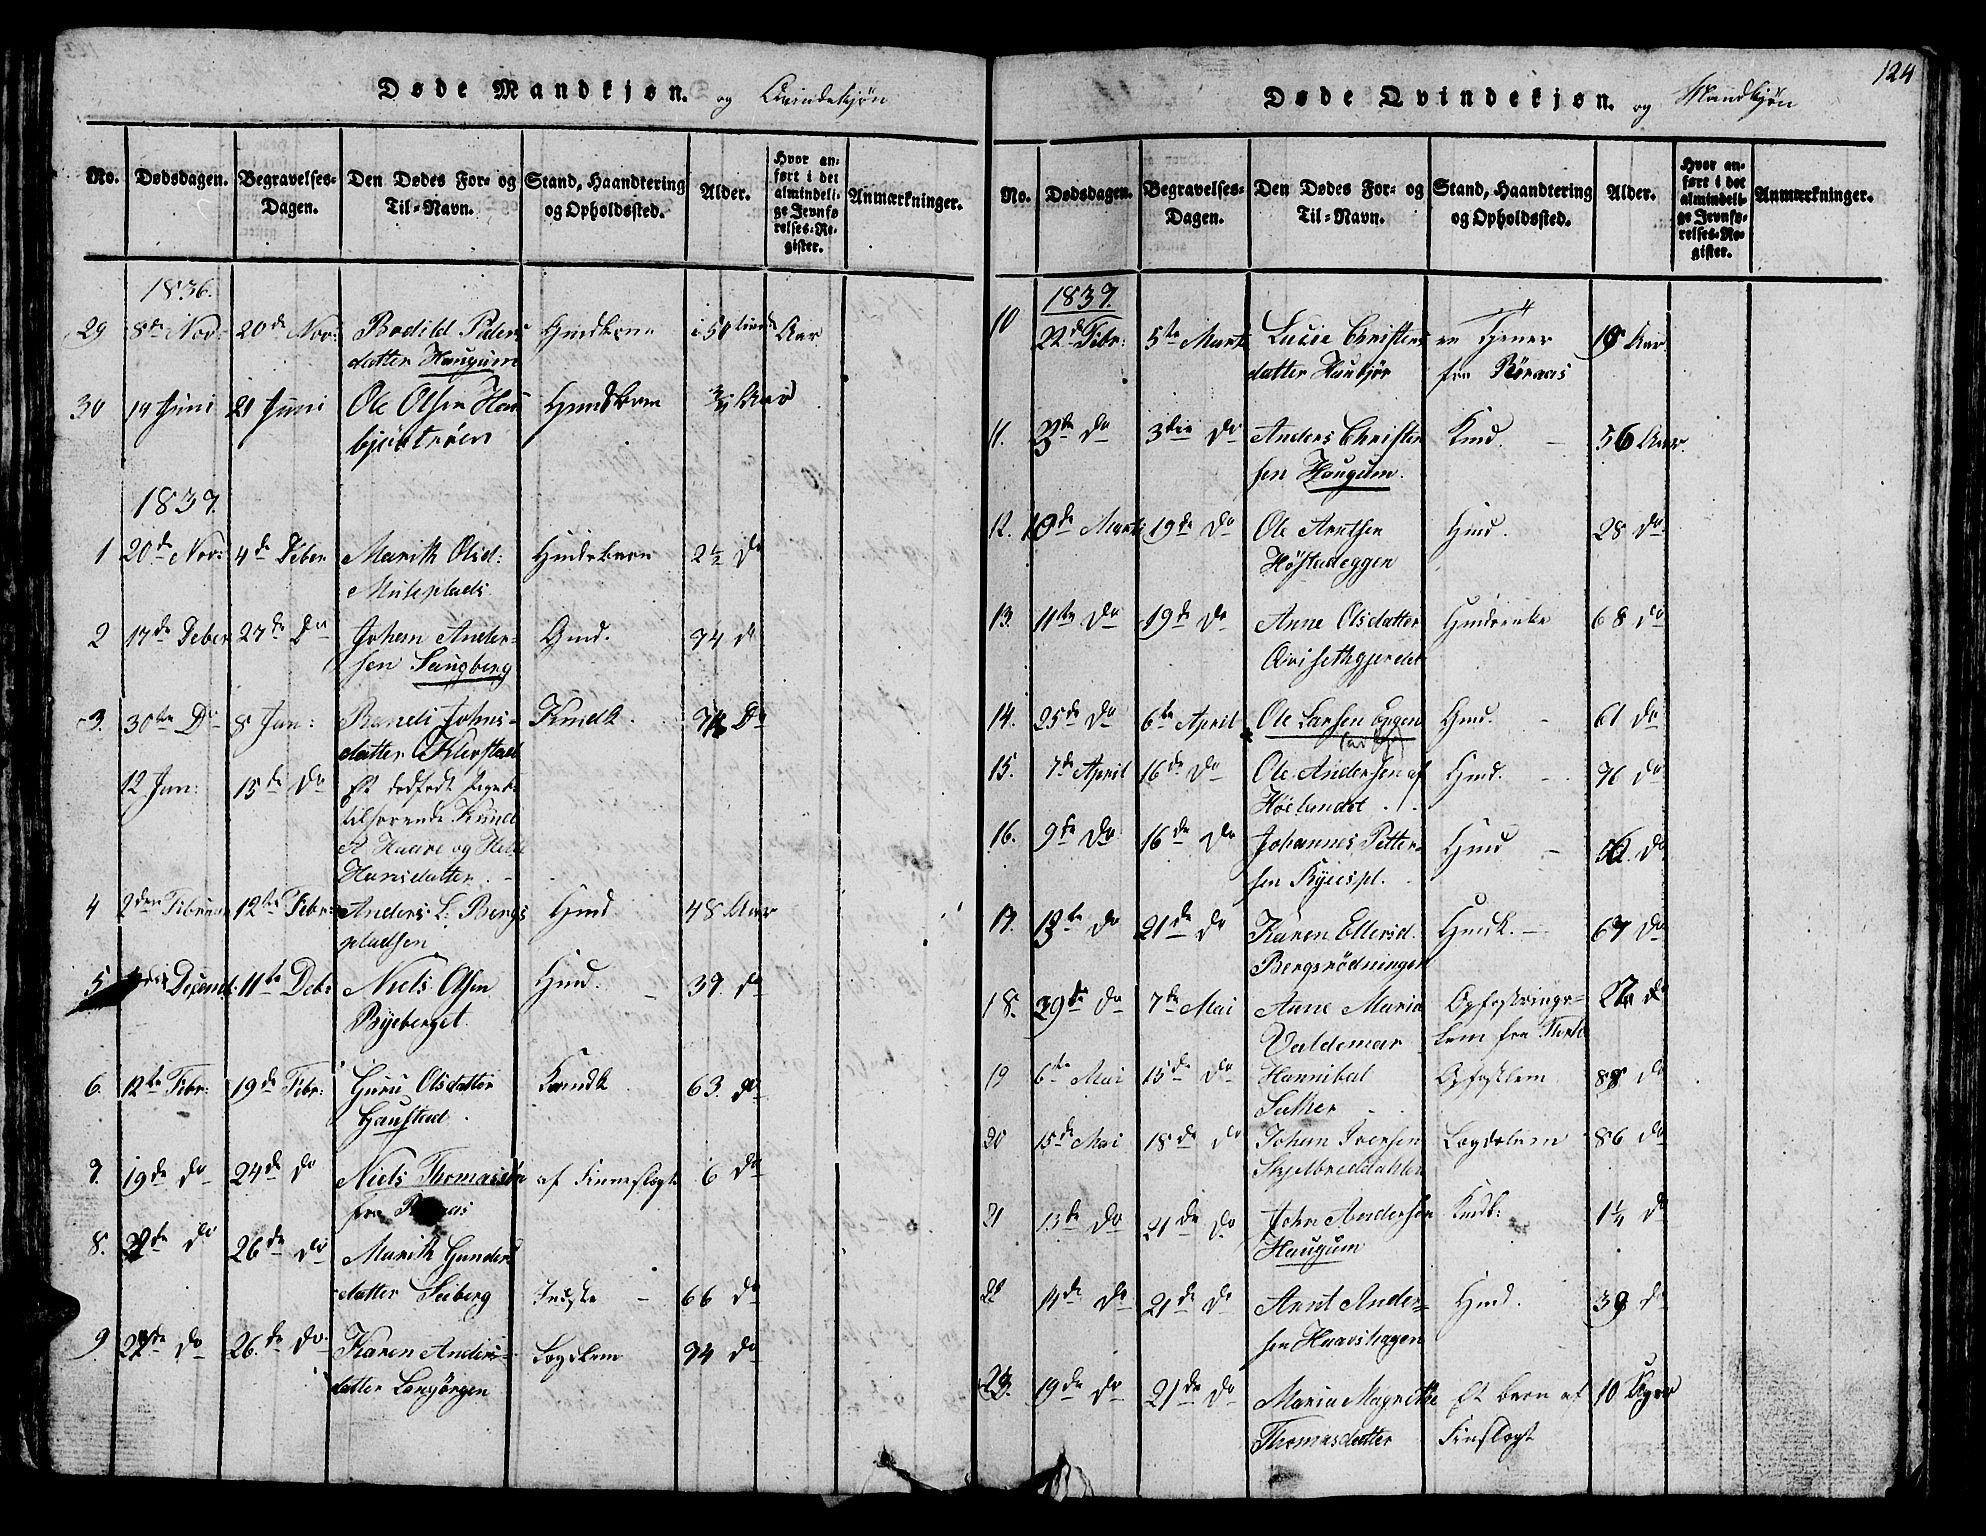 SAT, Ministerialprotokoller, klokkerbøker og fødselsregistre - Sør-Trøndelag, 612/L0385: Klokkerbok nr. 612C01, 1816-1845, s. 124